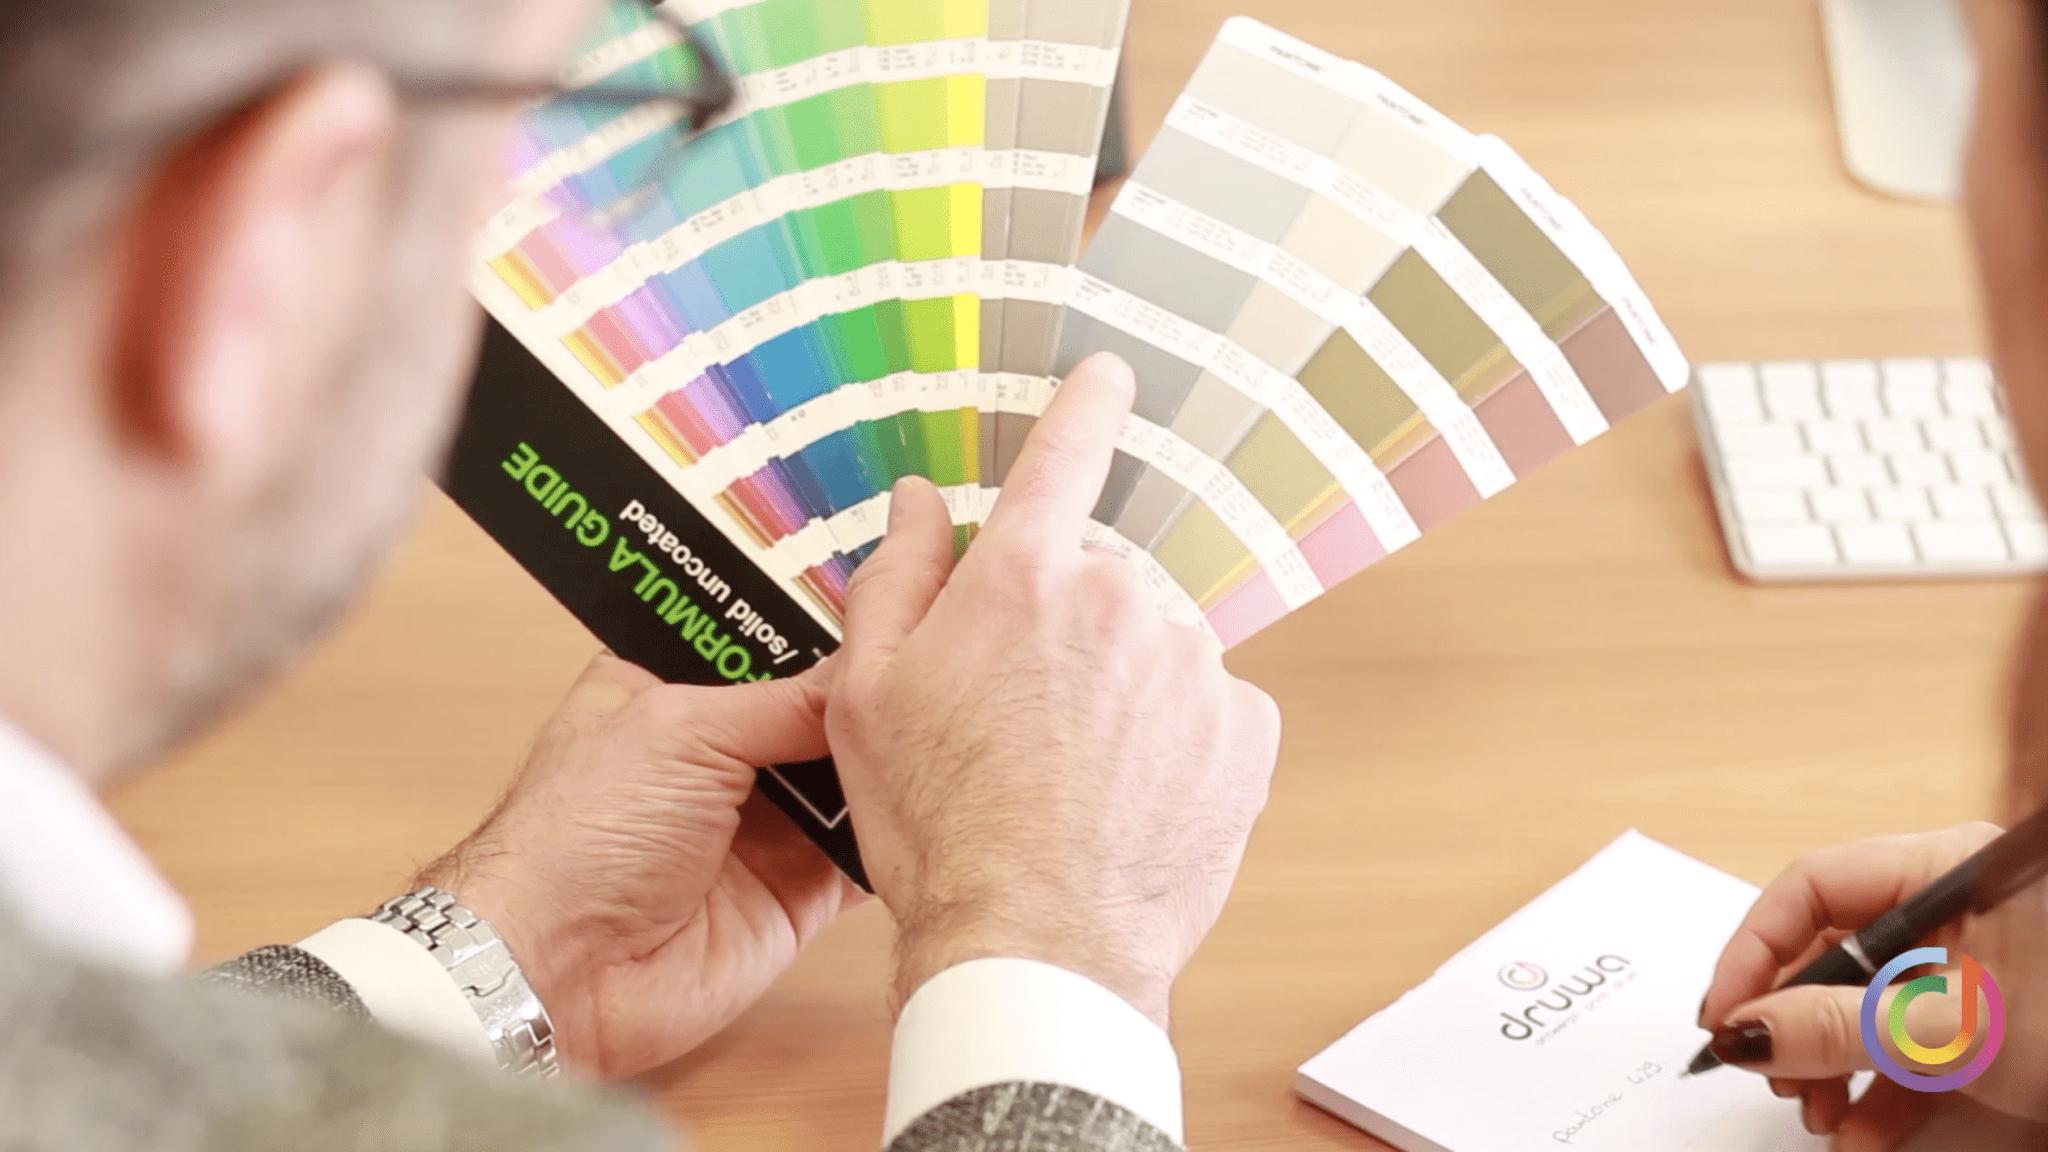 Klant kiest kleur op de kleurenwaaier